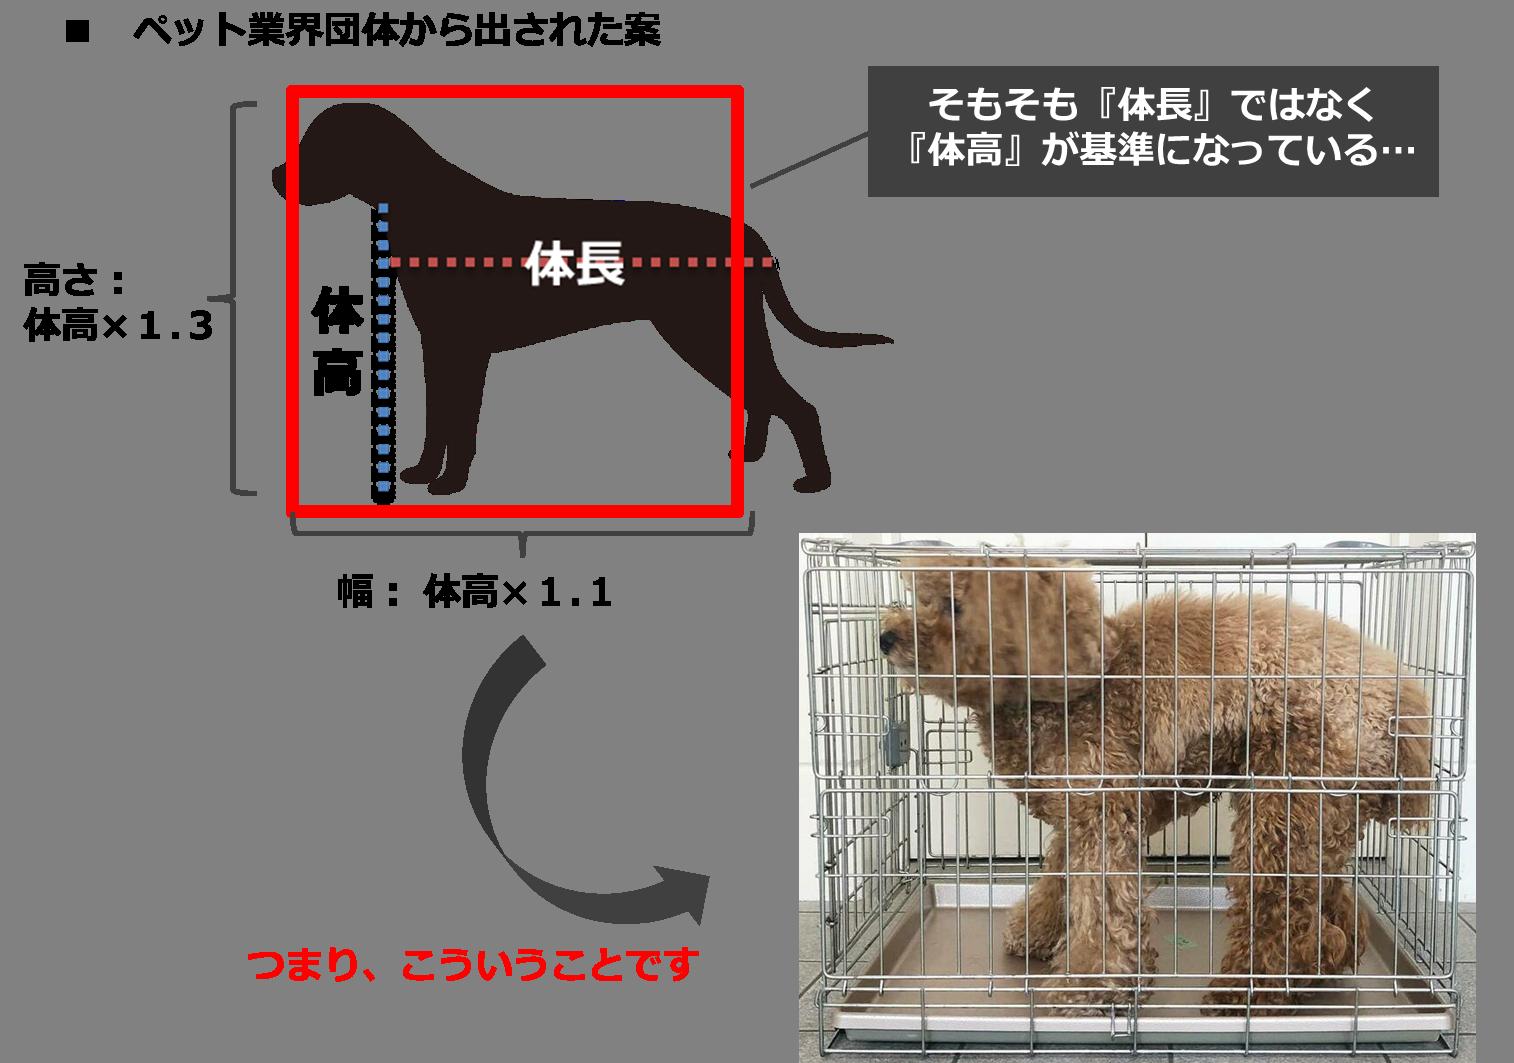 ペット協会(石山)の数値規制の提案内容